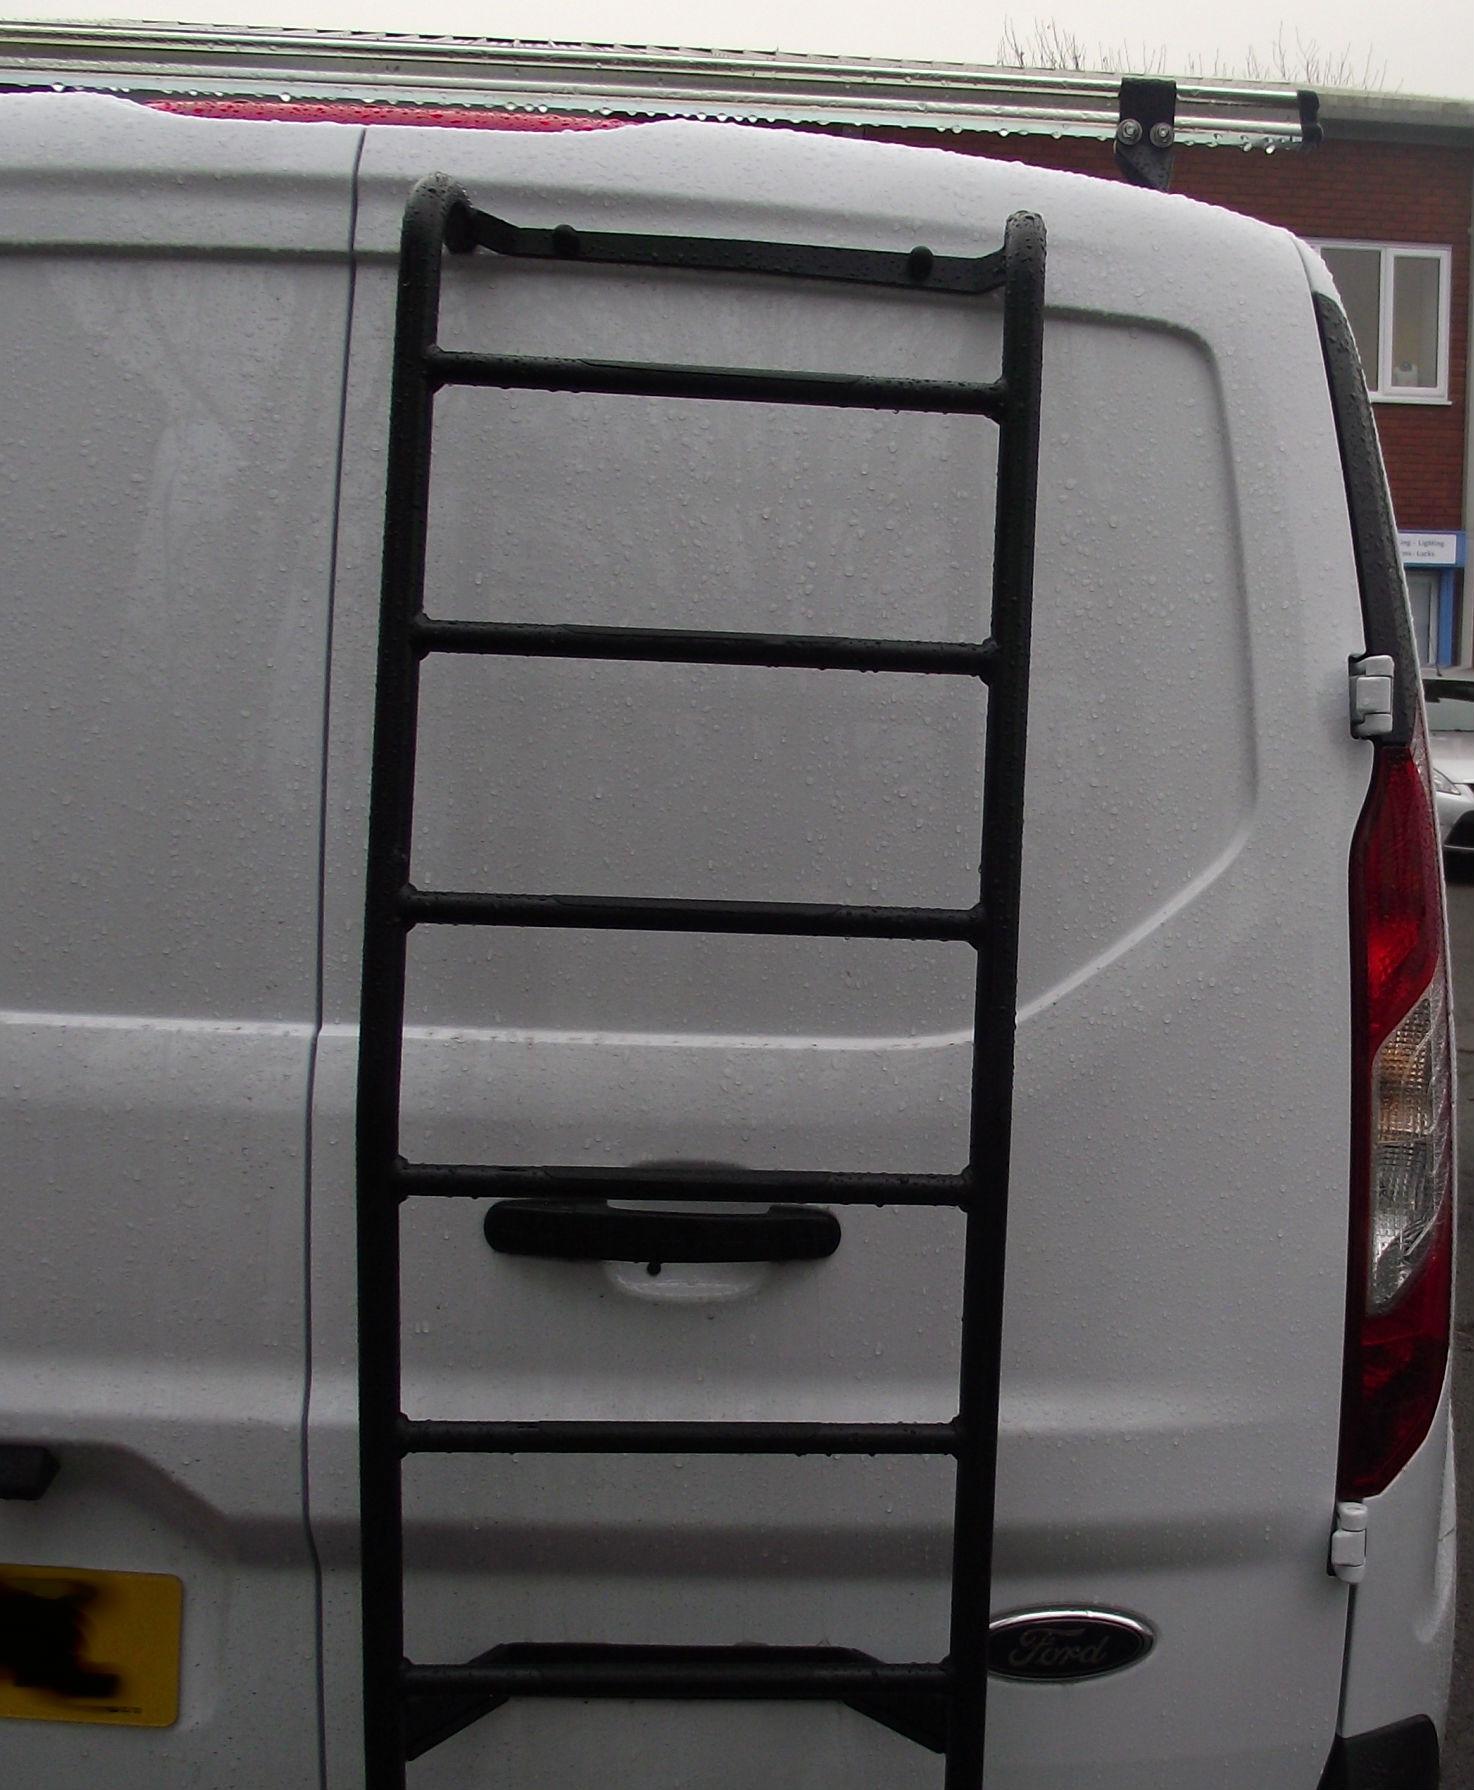 Ford-Transit-Connect-Delta-Bars-Rear-Door-Ladder-4.jpg